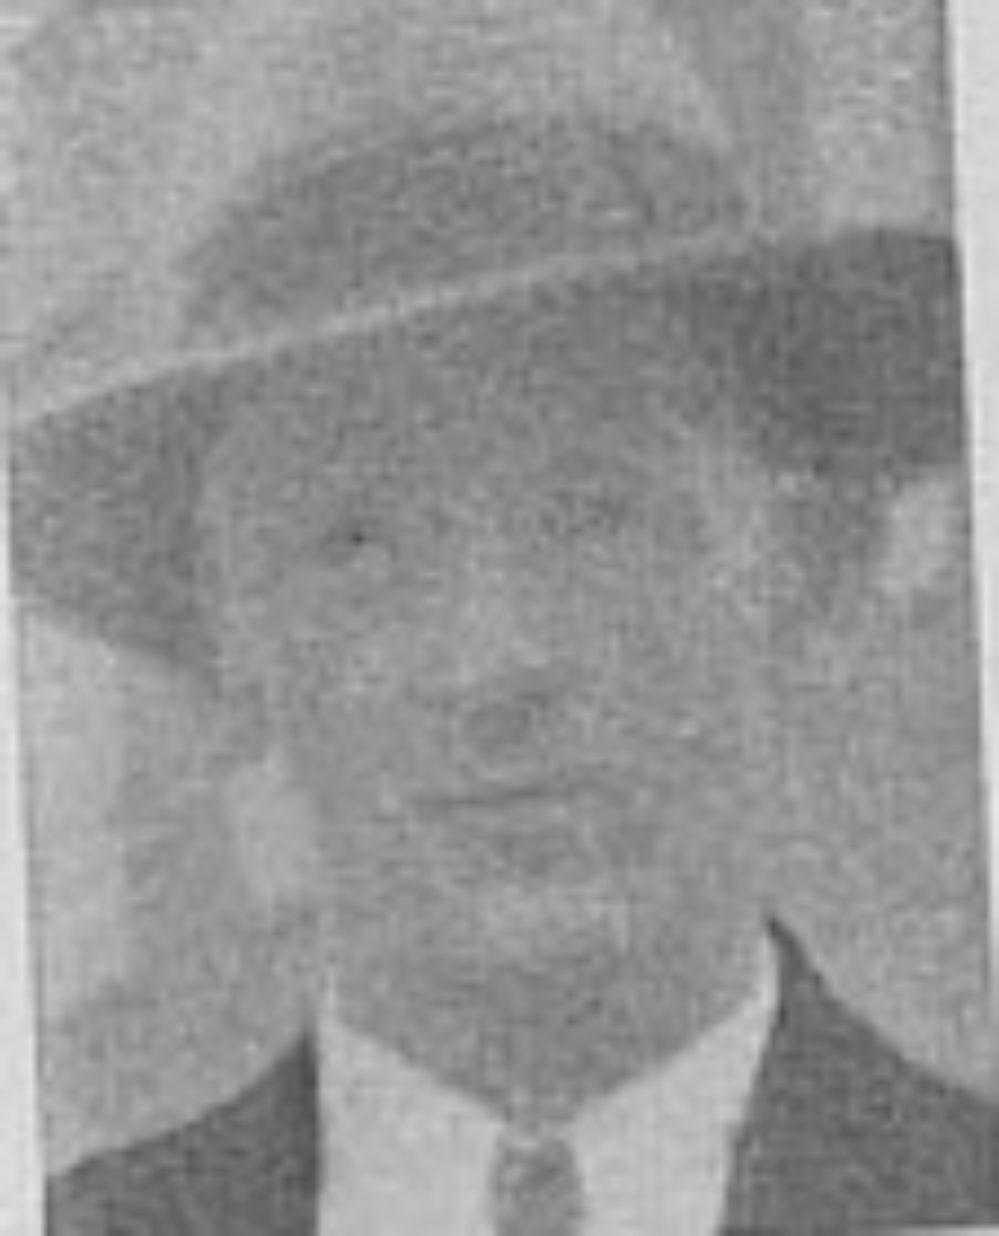 Christian Hermann Jensen